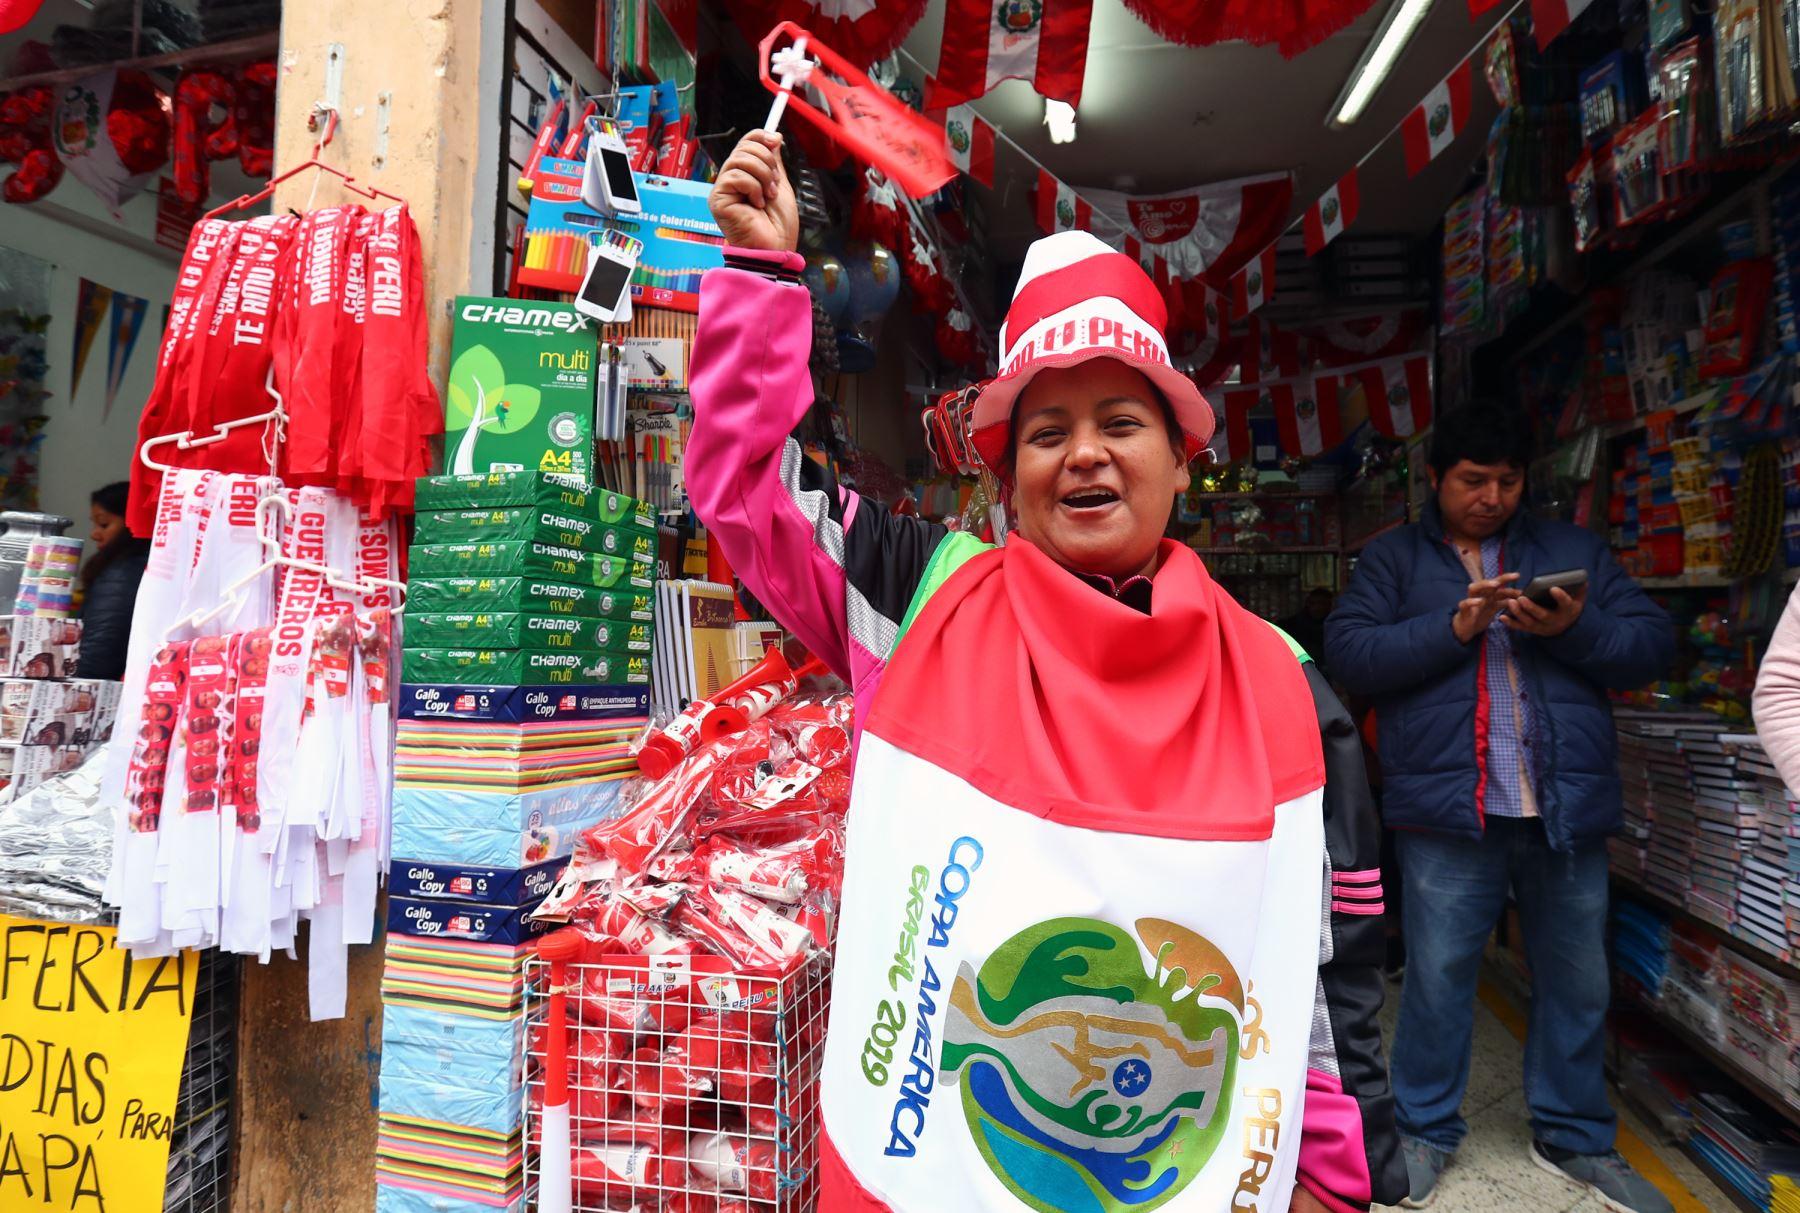 Hinchas de la selección peruana  antes del partido   de Perú Venezuela Foto: ANDINA/Norman Córdova